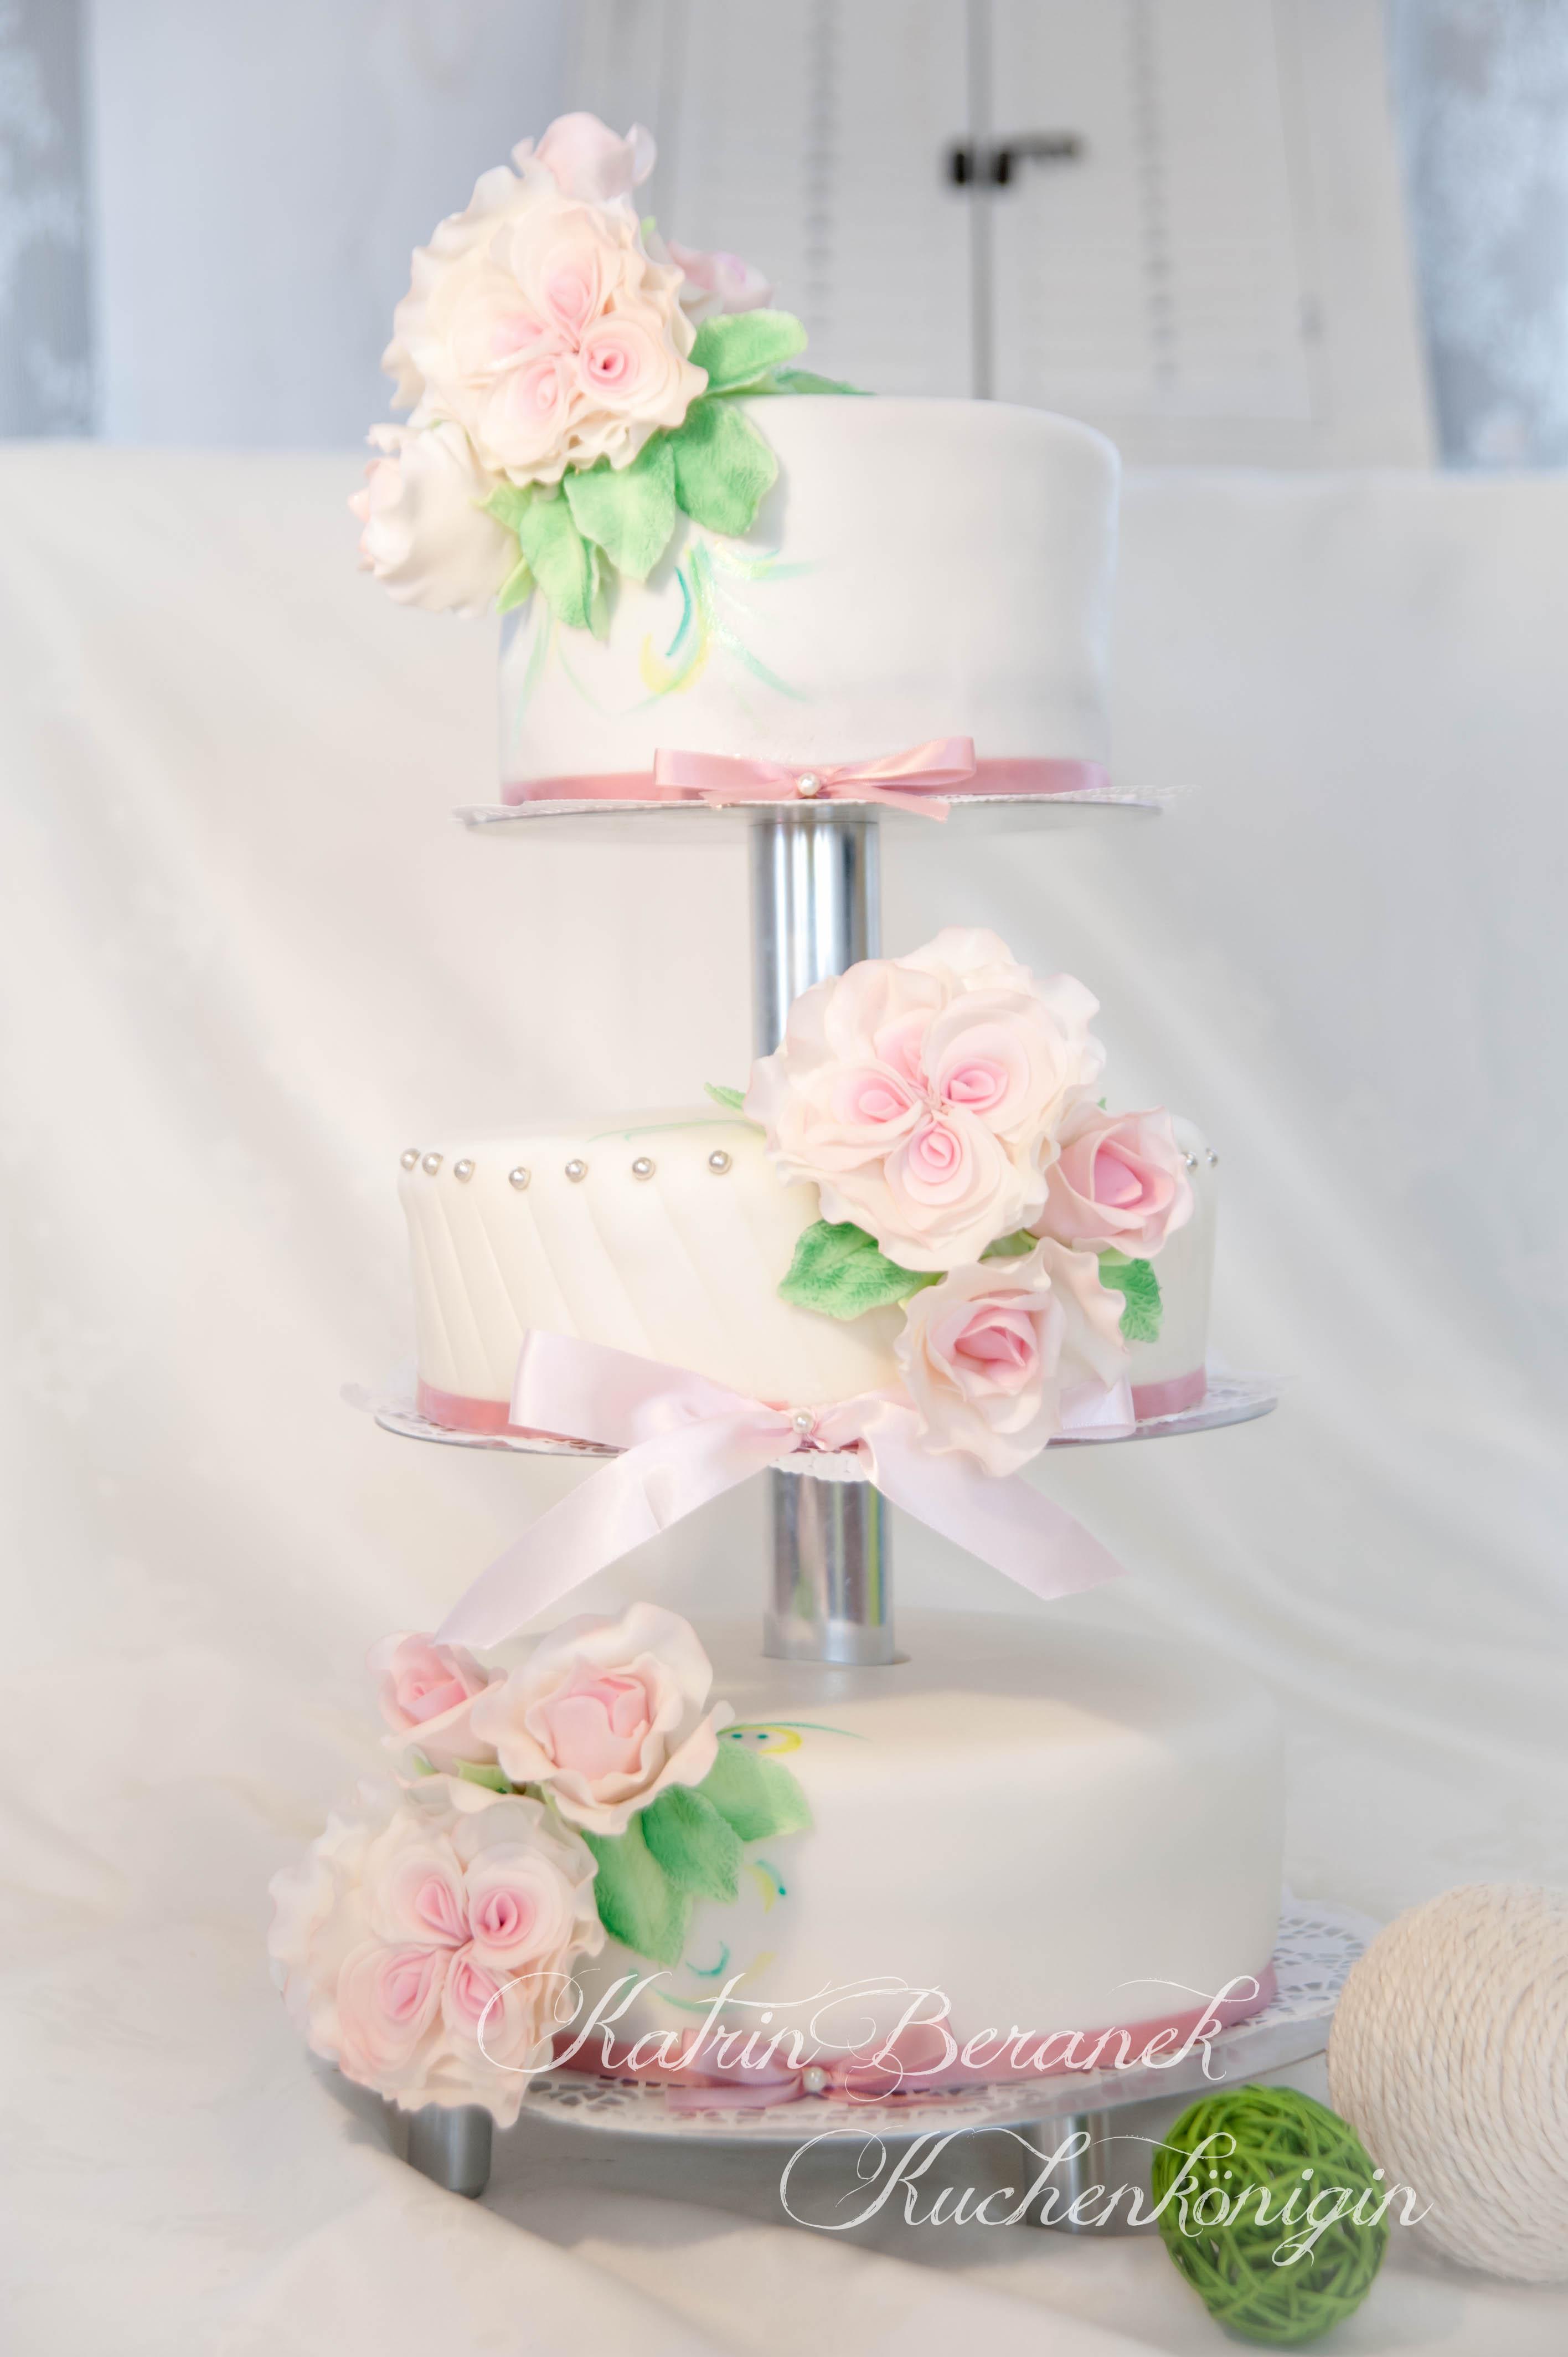 Kuchenkönigin Englische Rosen Hochzeitstorte Vintage Blüten